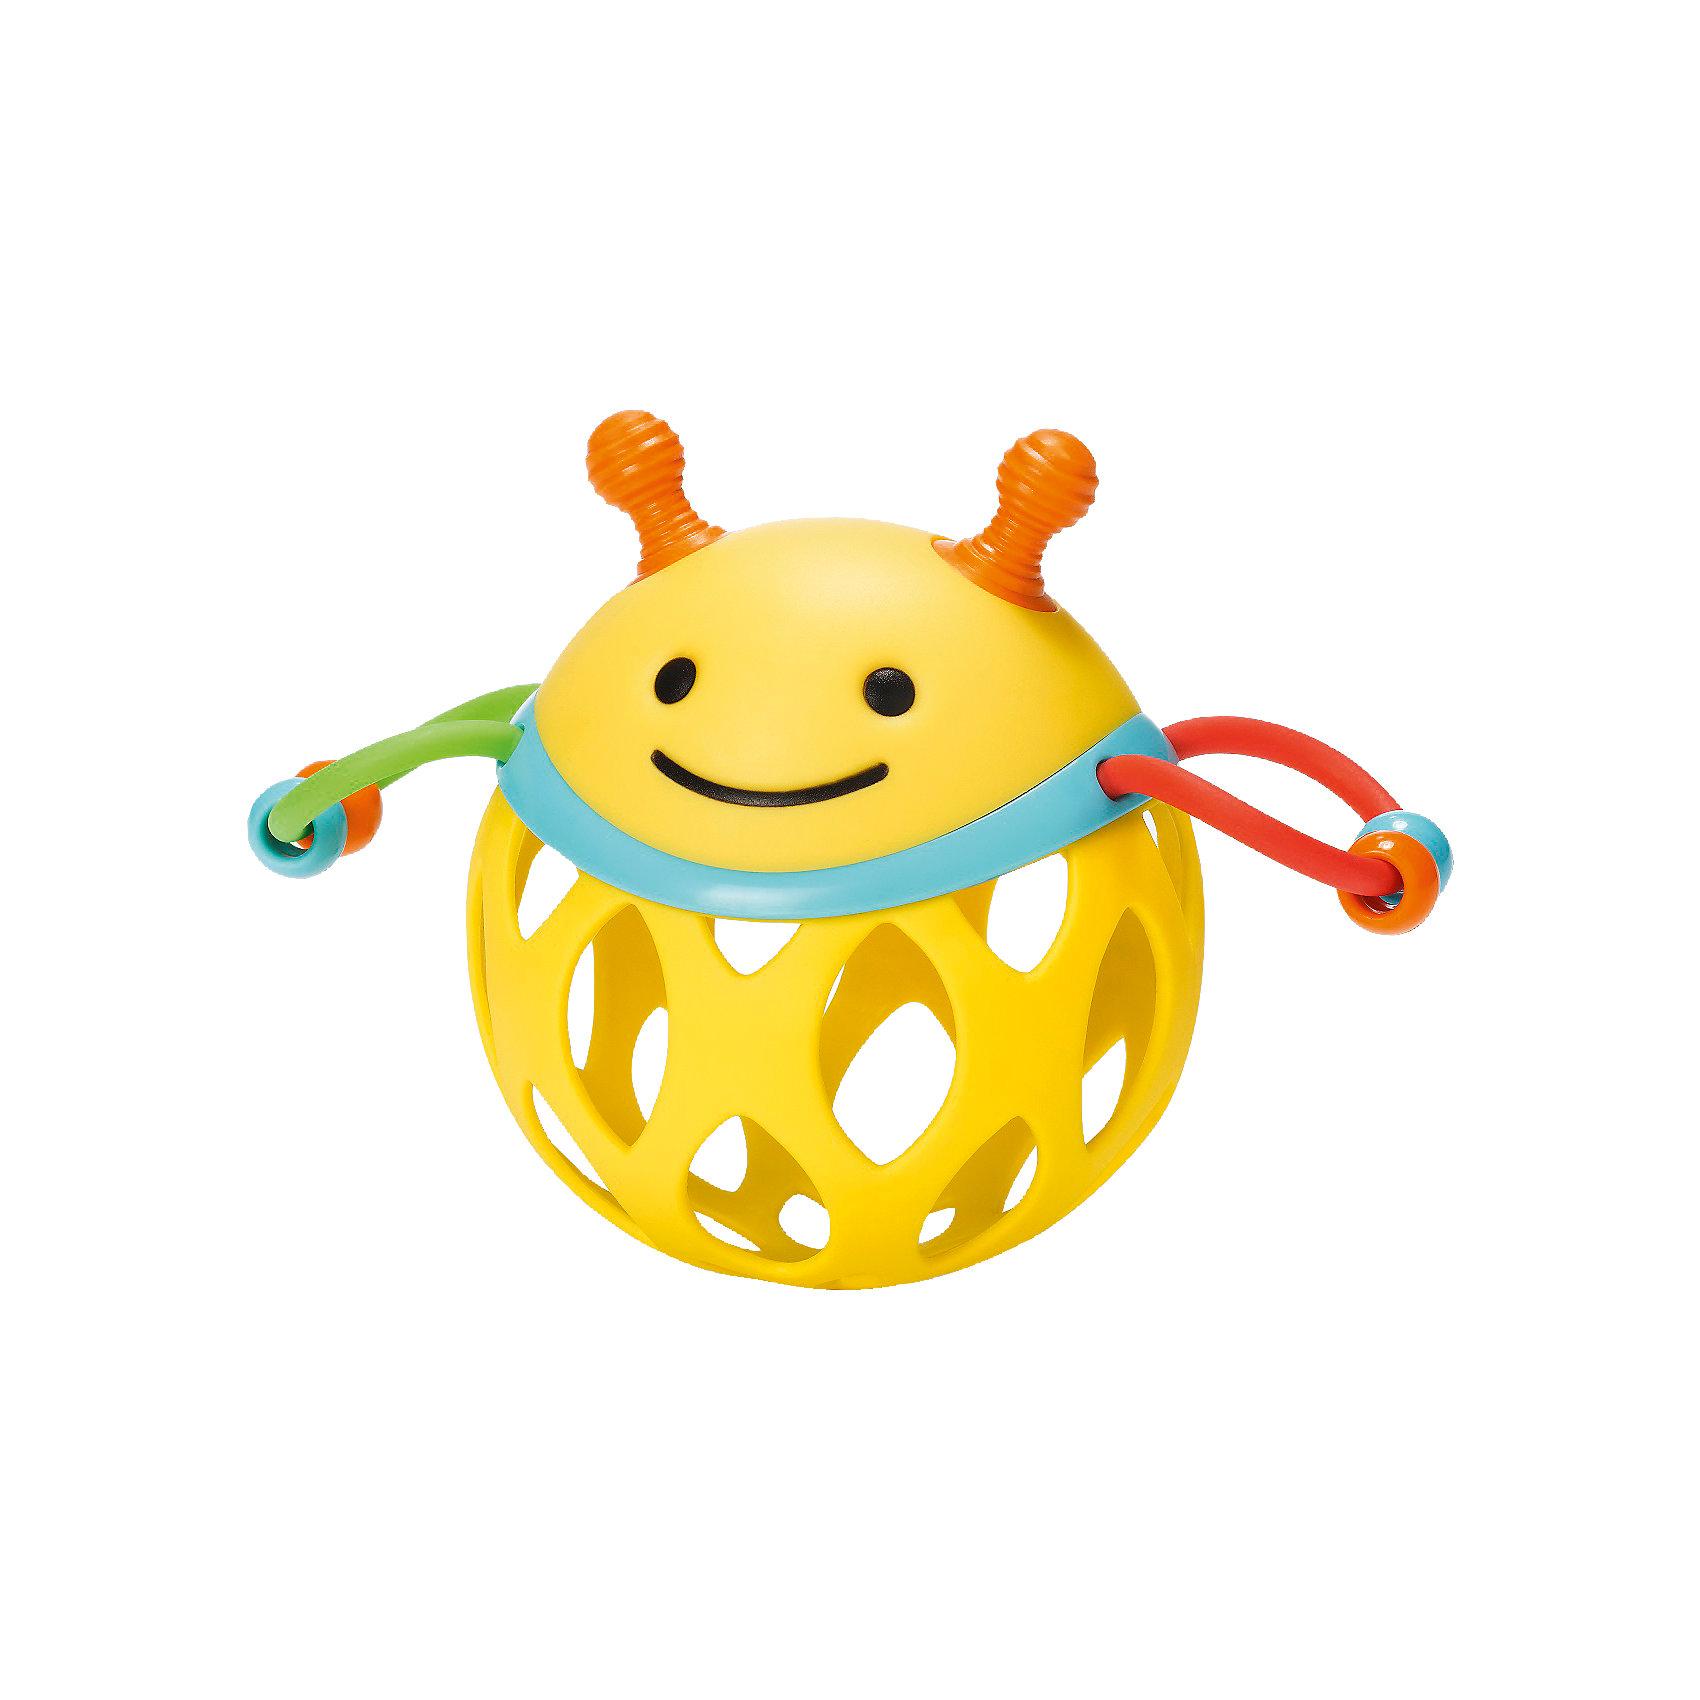 Игрушка-погремушка Шар-пчела, Skip HopИгрушки для новорожденных<br>Характеристики товара:<br><br>• возраст от 3 месяцев;<br>• материал: пластик;<br>• размер упаковки 17х15х8 см;<br>• вес упаковки 135 гр.;<br>• страна производитель: Китай.<br><br>Игрушка-погремушка «Шар-пчела» Skip Hop — развивающая игрушка для малышей от 3 месяцев, которую малыш может трясти, катать, трогать ручками. По бокам крылышки пчелки, сделанные из ниточки с нанизанными бусинами, которые свободно перемещаются. На корпусе имеются прорезиненные детали для прорезывания зубов. Игрушка изготовлена из качественного безвредного пластика. Игрушка способствует развитию хватательного рефлекса, мелкой моторики рук, тактильных ощущений.<br><br>Игрушку-погремушку «Шар-пчела» Skip Hop можно приобрести в нашем интернет-магазине.<br><br>Ширина мм: 174<br>Глубина мм: 167<br>Высота мм: 86<br>Вес г: 121<br>Цвет: mehrfarbig<br>Возраст от месяцев: 1<br>Возраст до месяцев: 36<br>Пол: Унисекс<br>Возраст: Детский<br>SKU: 4021566